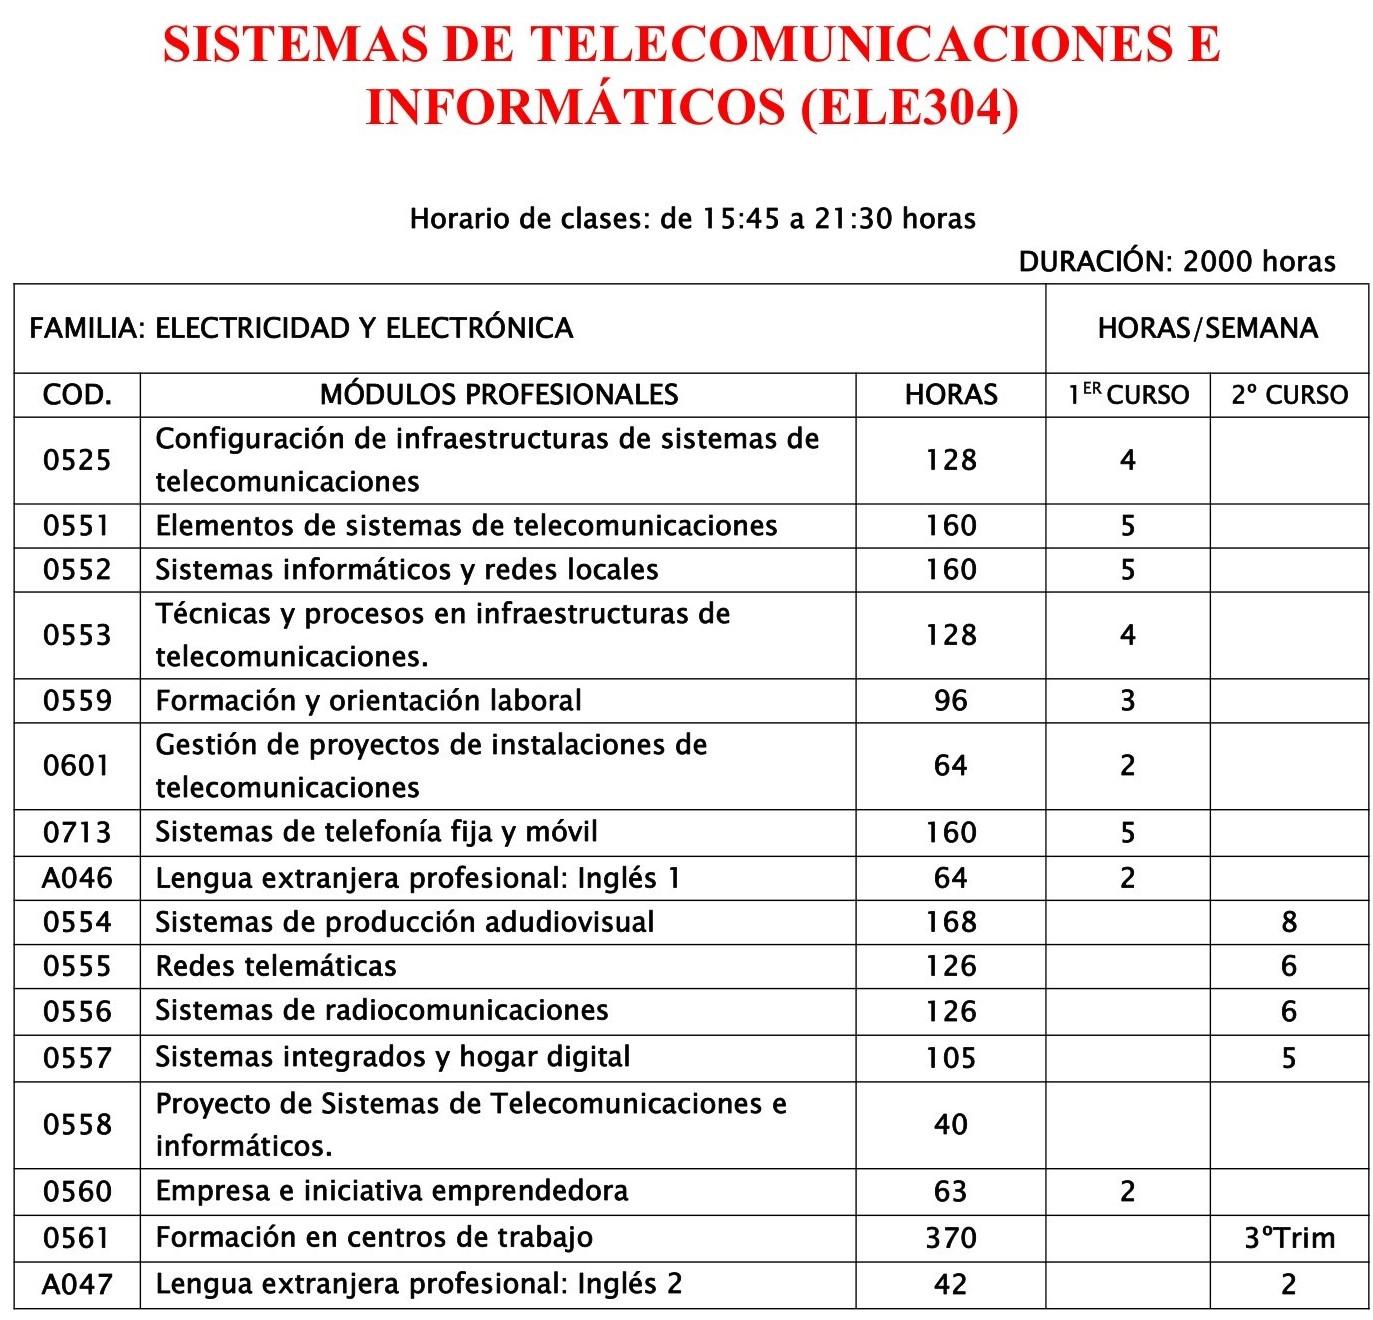 SISTEMAS DE TELECOMUNICACIONES E INFORMÁTICOS_SAN304-1